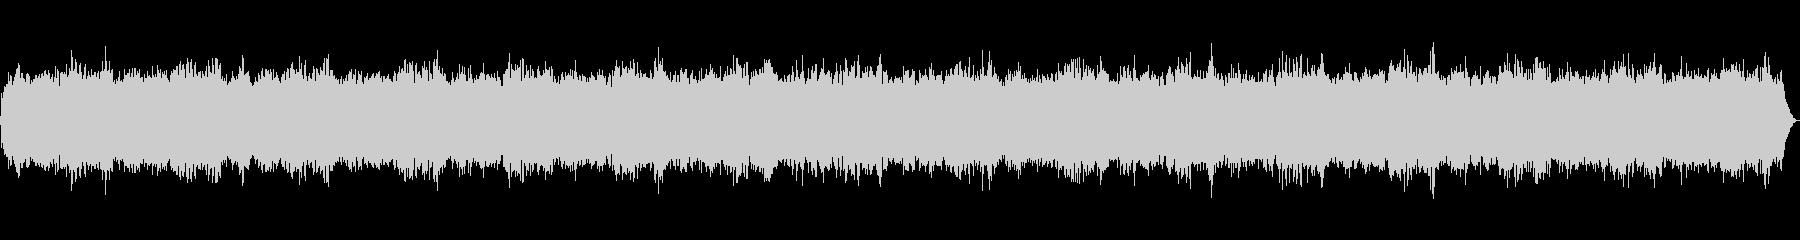 23【396Hz】ソルフェジオ周波数の未再生の波形